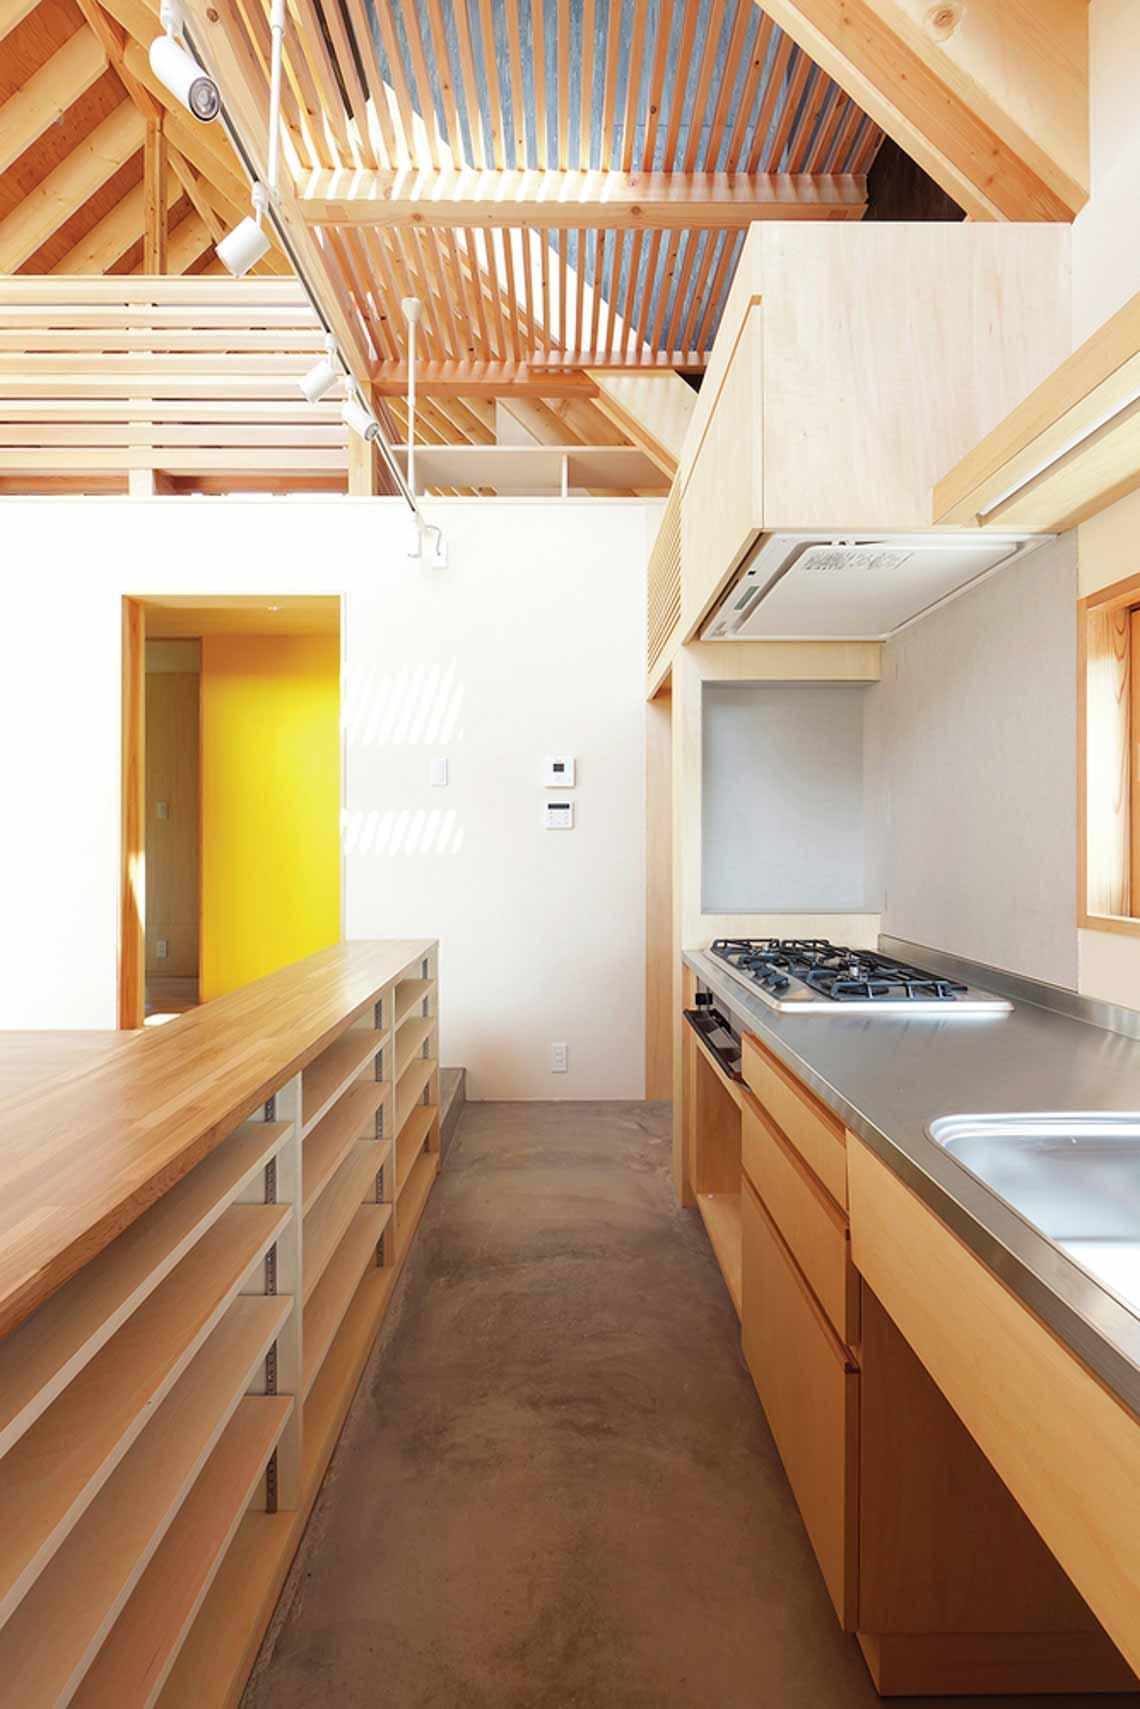 Màu của năm 2021 Pantone: Vàng và xám trong kiến trúc - 56